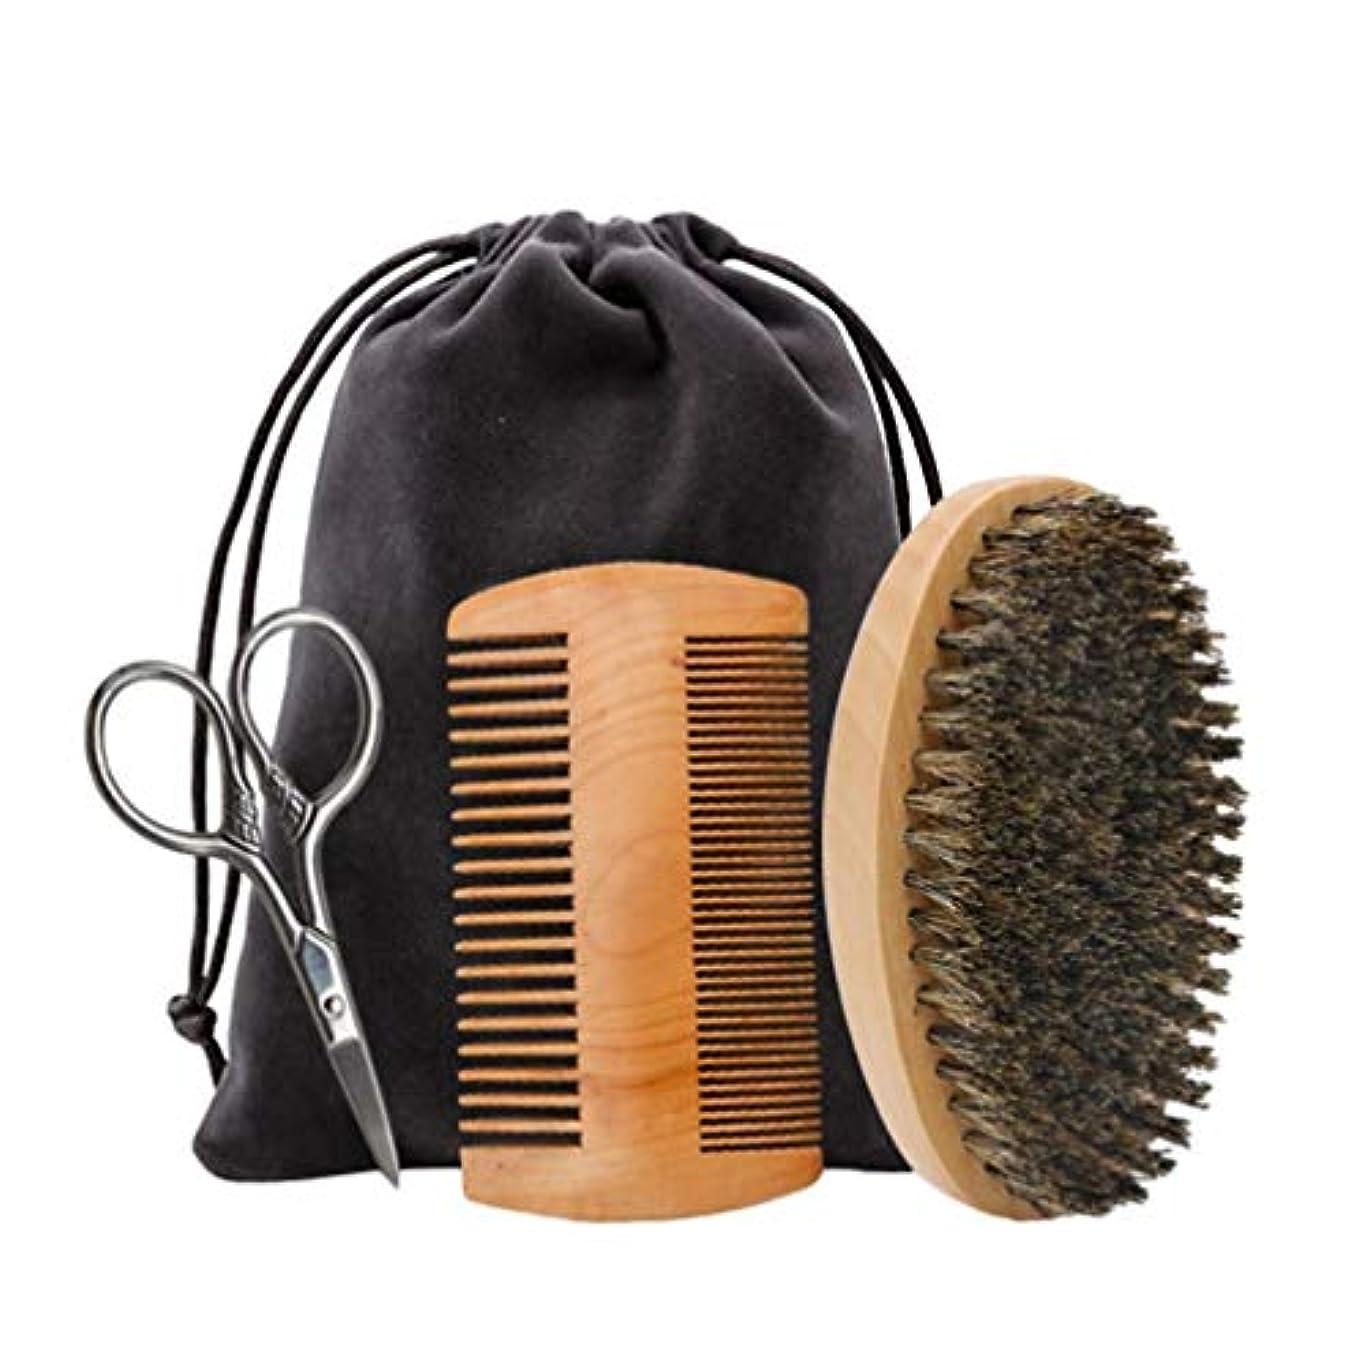 クマノミ宿命適切なHEALLILY ひげ口ひげグルーミングトリミングキットひげブラシウッドコームステンレススチールハサミ、メンズシェーピング1セット